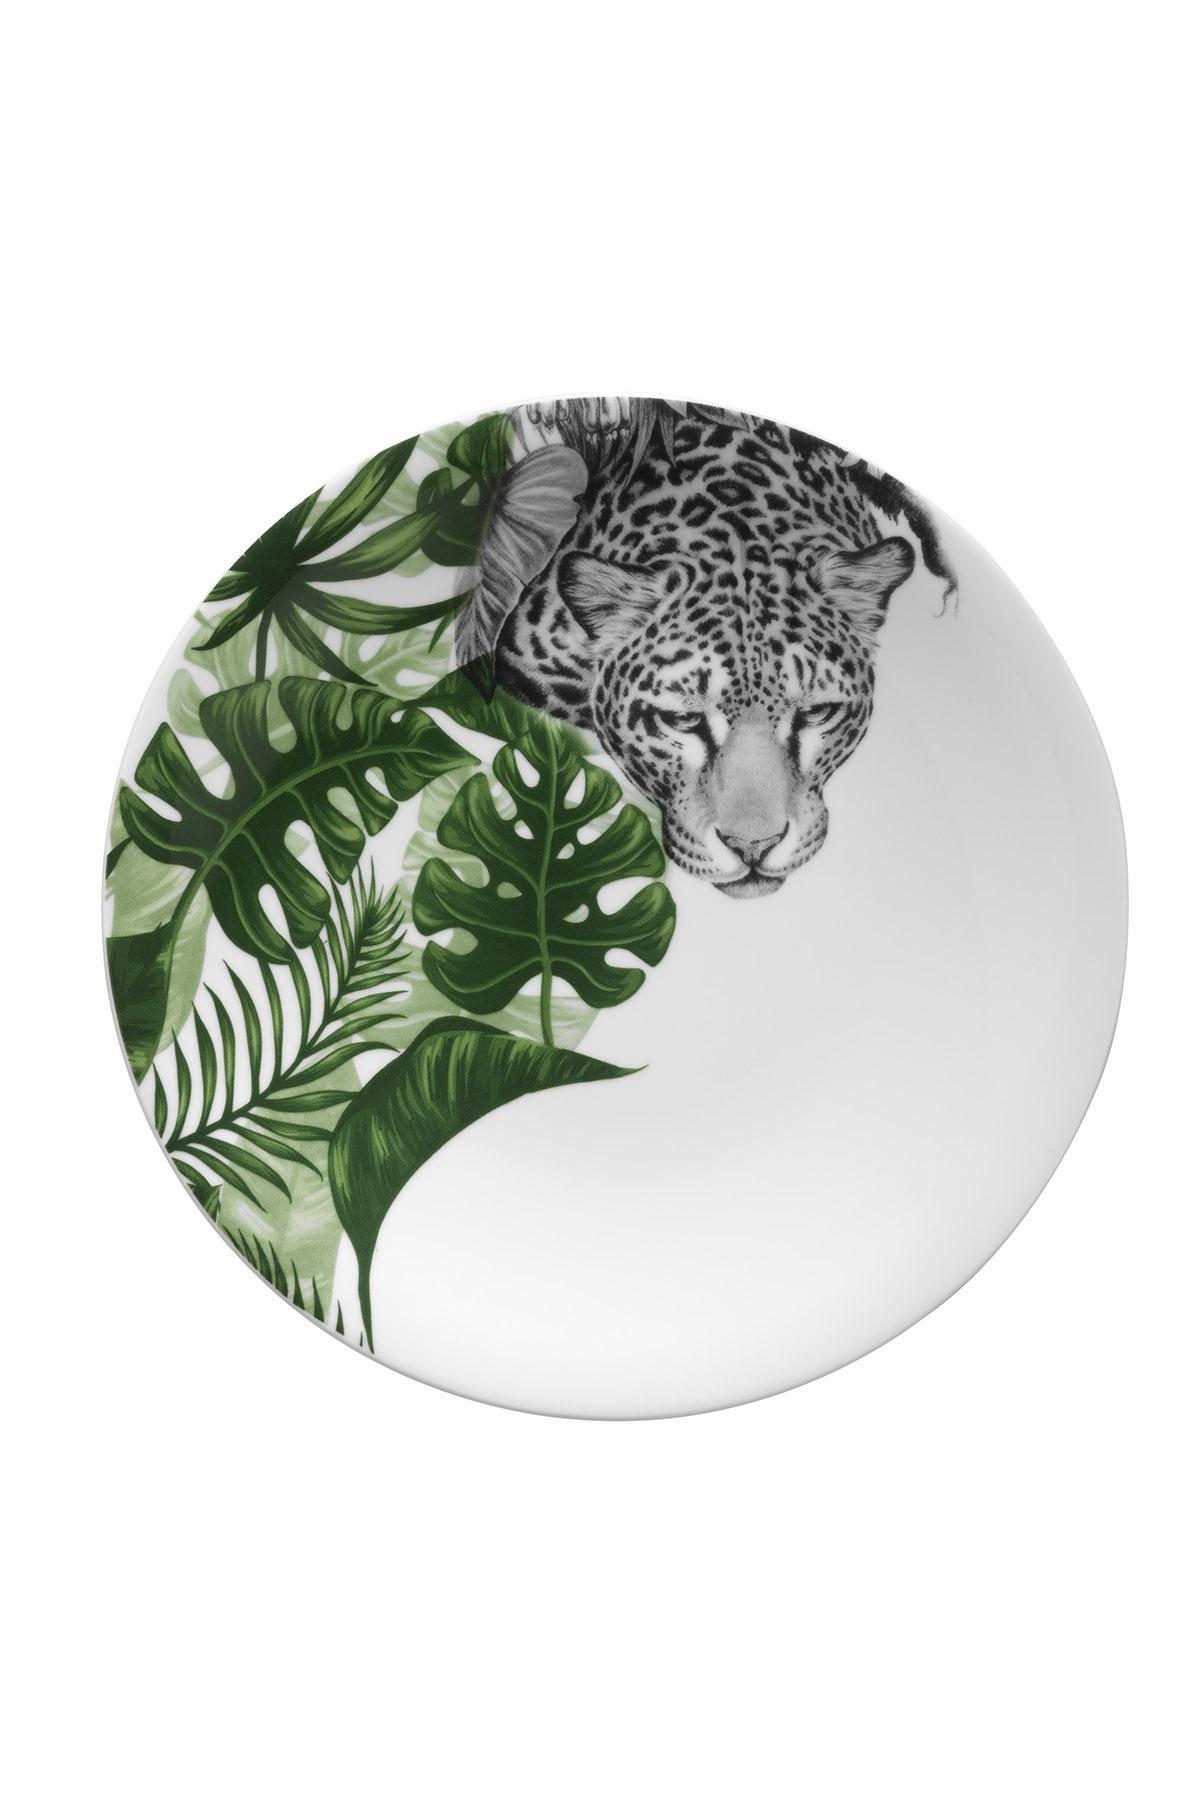 Kütahya Porselen - Kütahya Porselen Doğadakiler 27 cm Servis Tabağı Leopar